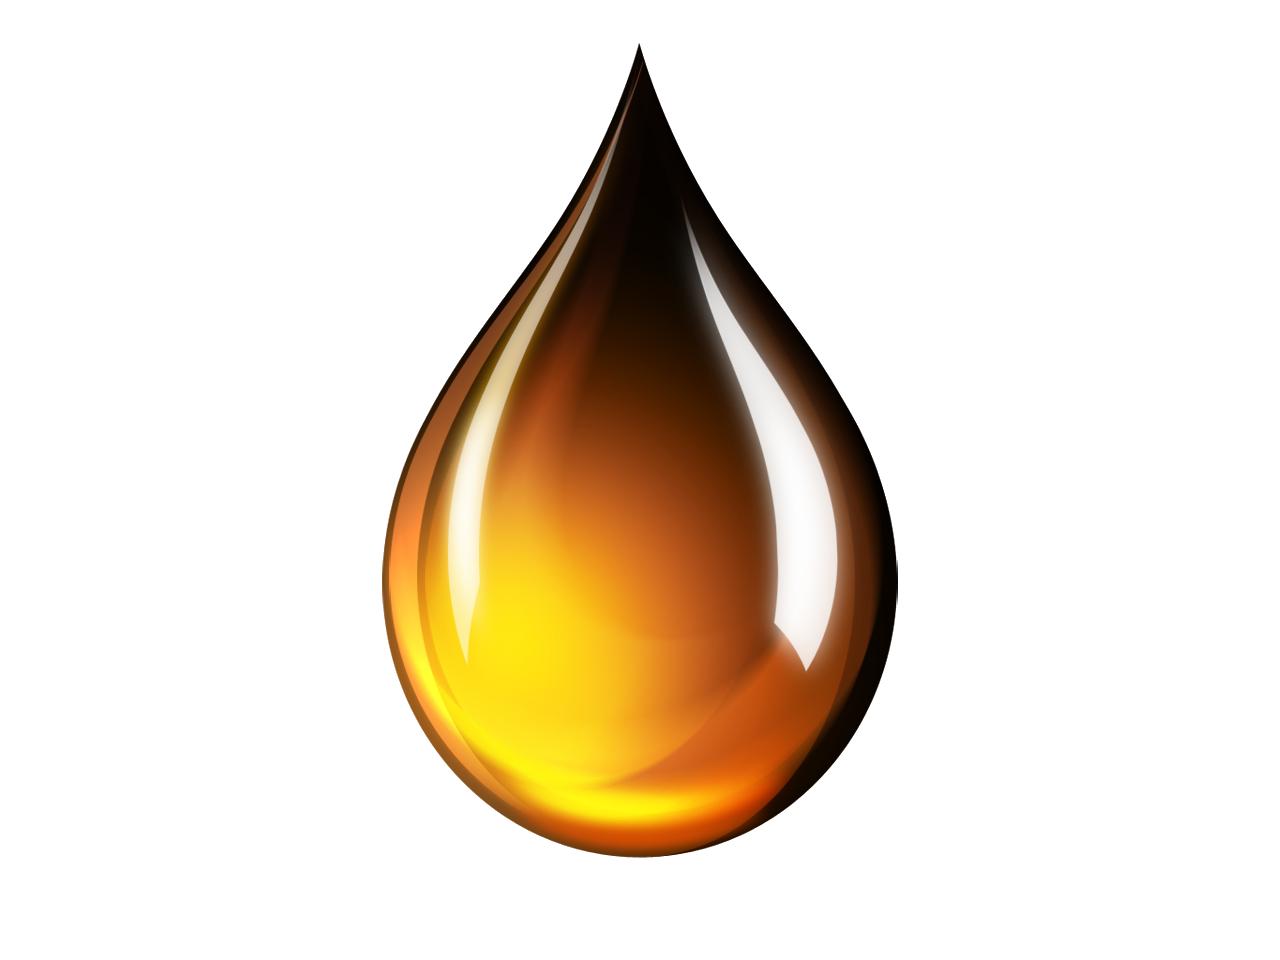 Fuel Petrol PNG Image Fuel, Petrol, Oils